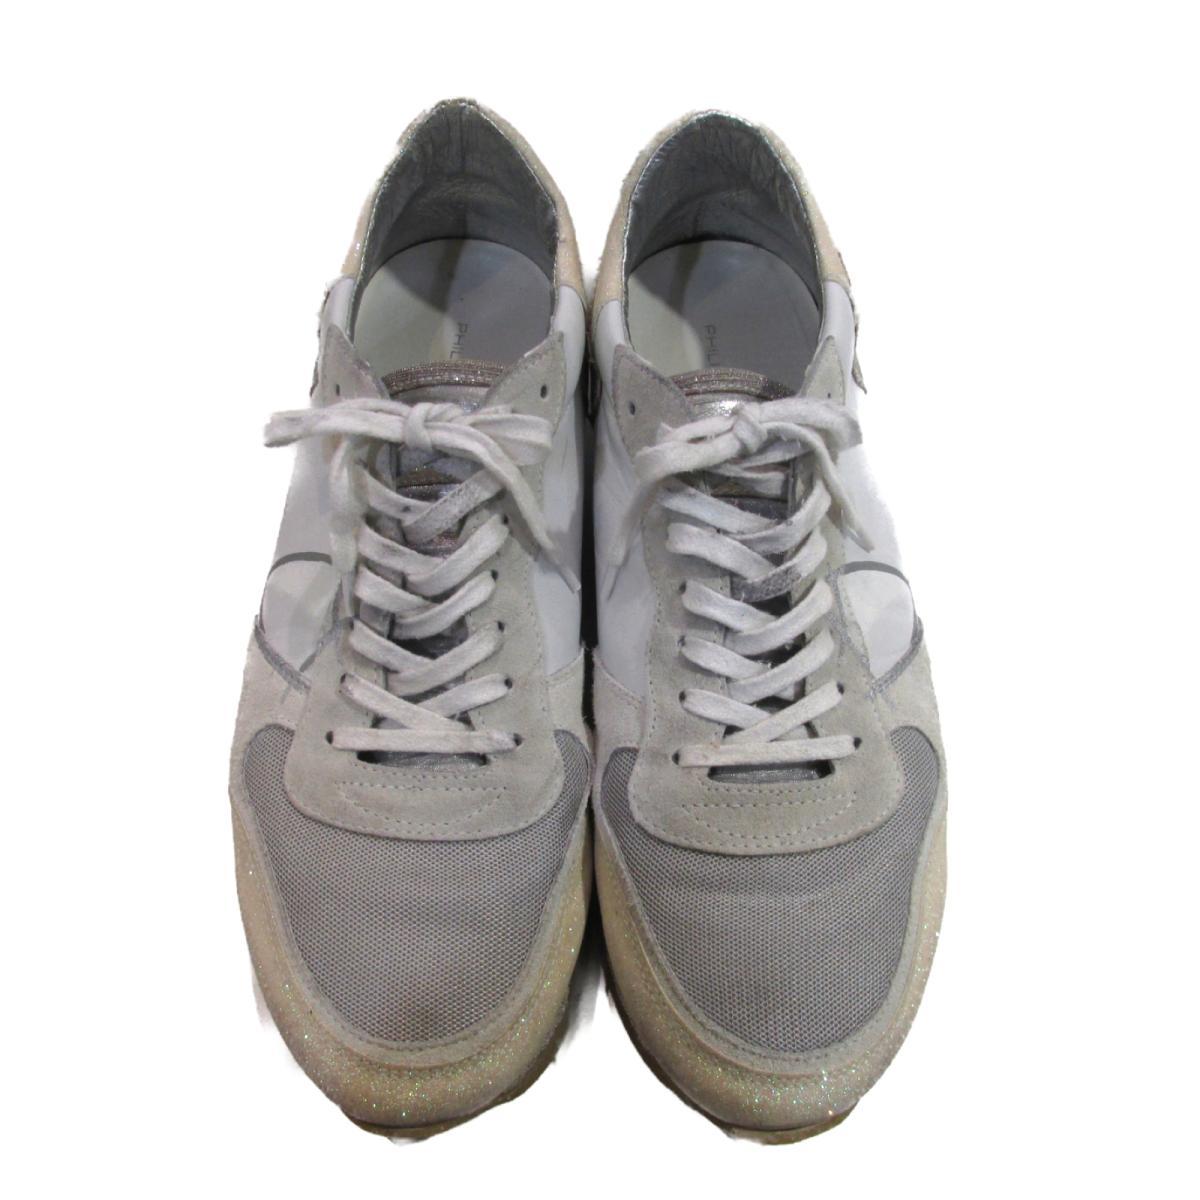 セレクション PHILIPPE MODEL スニーカー メンズ レザー × スエード ホワイト グレー シルバー ラメ 【中古】 | SELECTION BRANDOFF ブランドオフ ブランド 靴 シューズ クツ